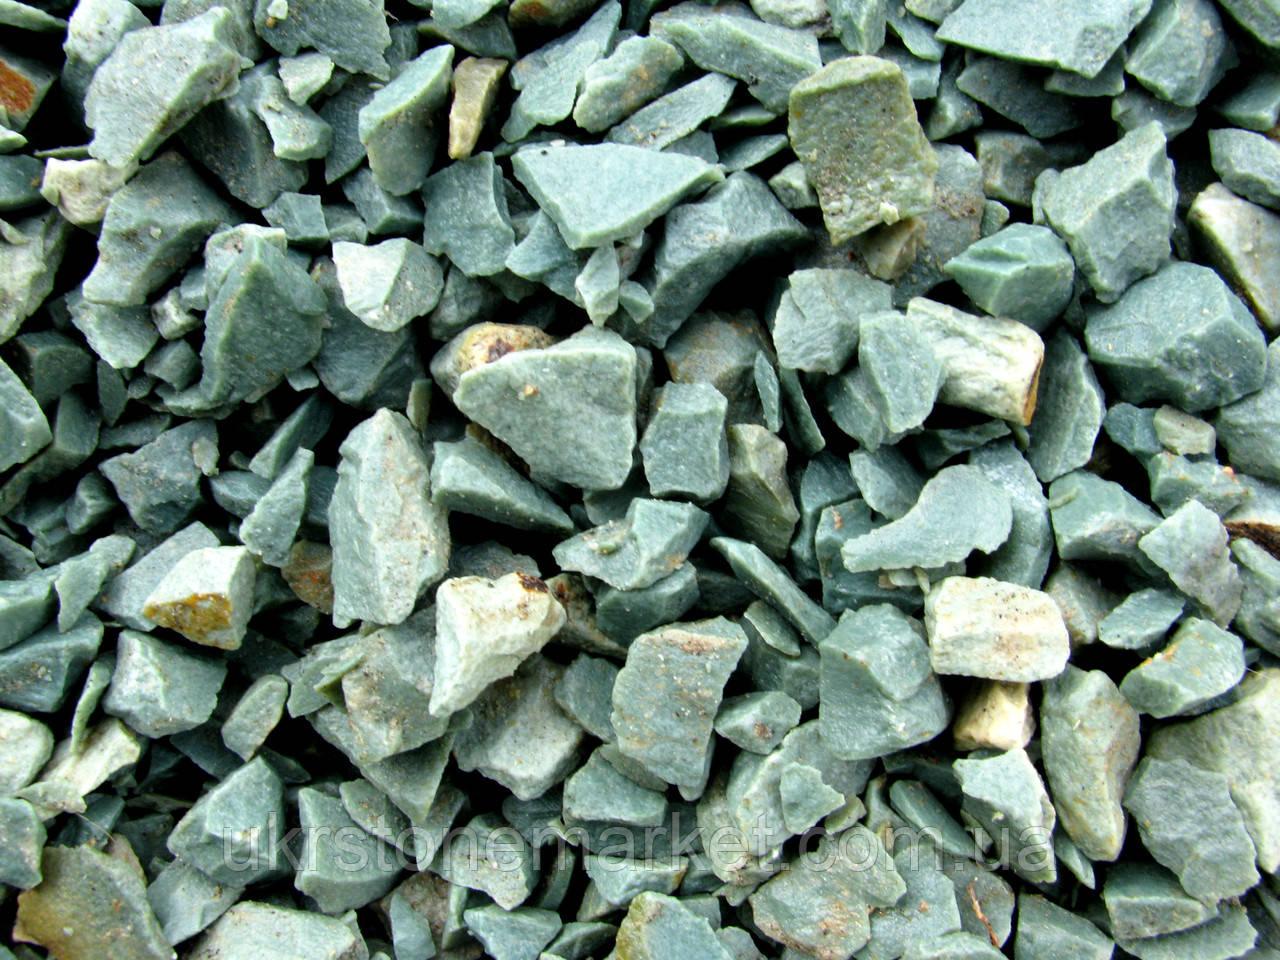 Крошка цеолитовая зеленая - Песчаник цена камень купить камень недорого, камни натуральные, картины на камне, отделочный камень в Хмельницком